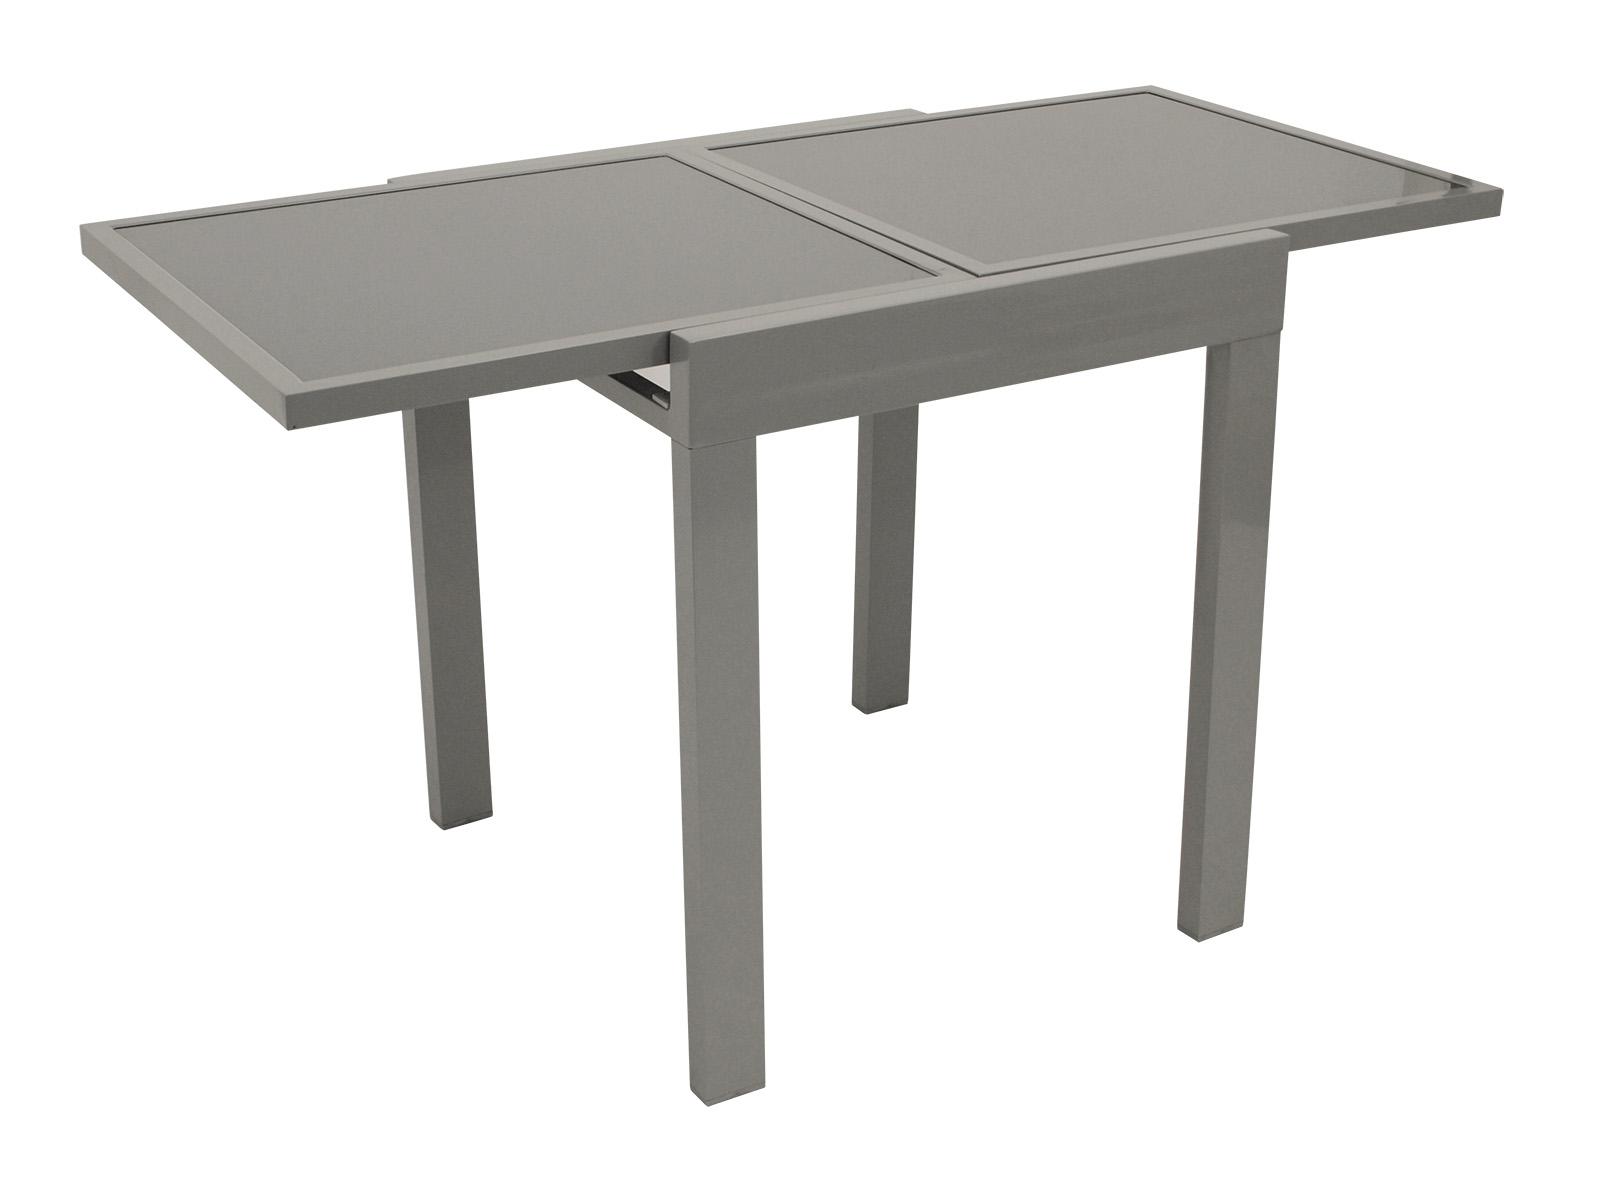 balkonausziehtisch 65 130x65cm aluminium glas lda homestore ihr partner fuer kueche wohnen. Black Bedroom Furniture Sets. Home Design Ideas